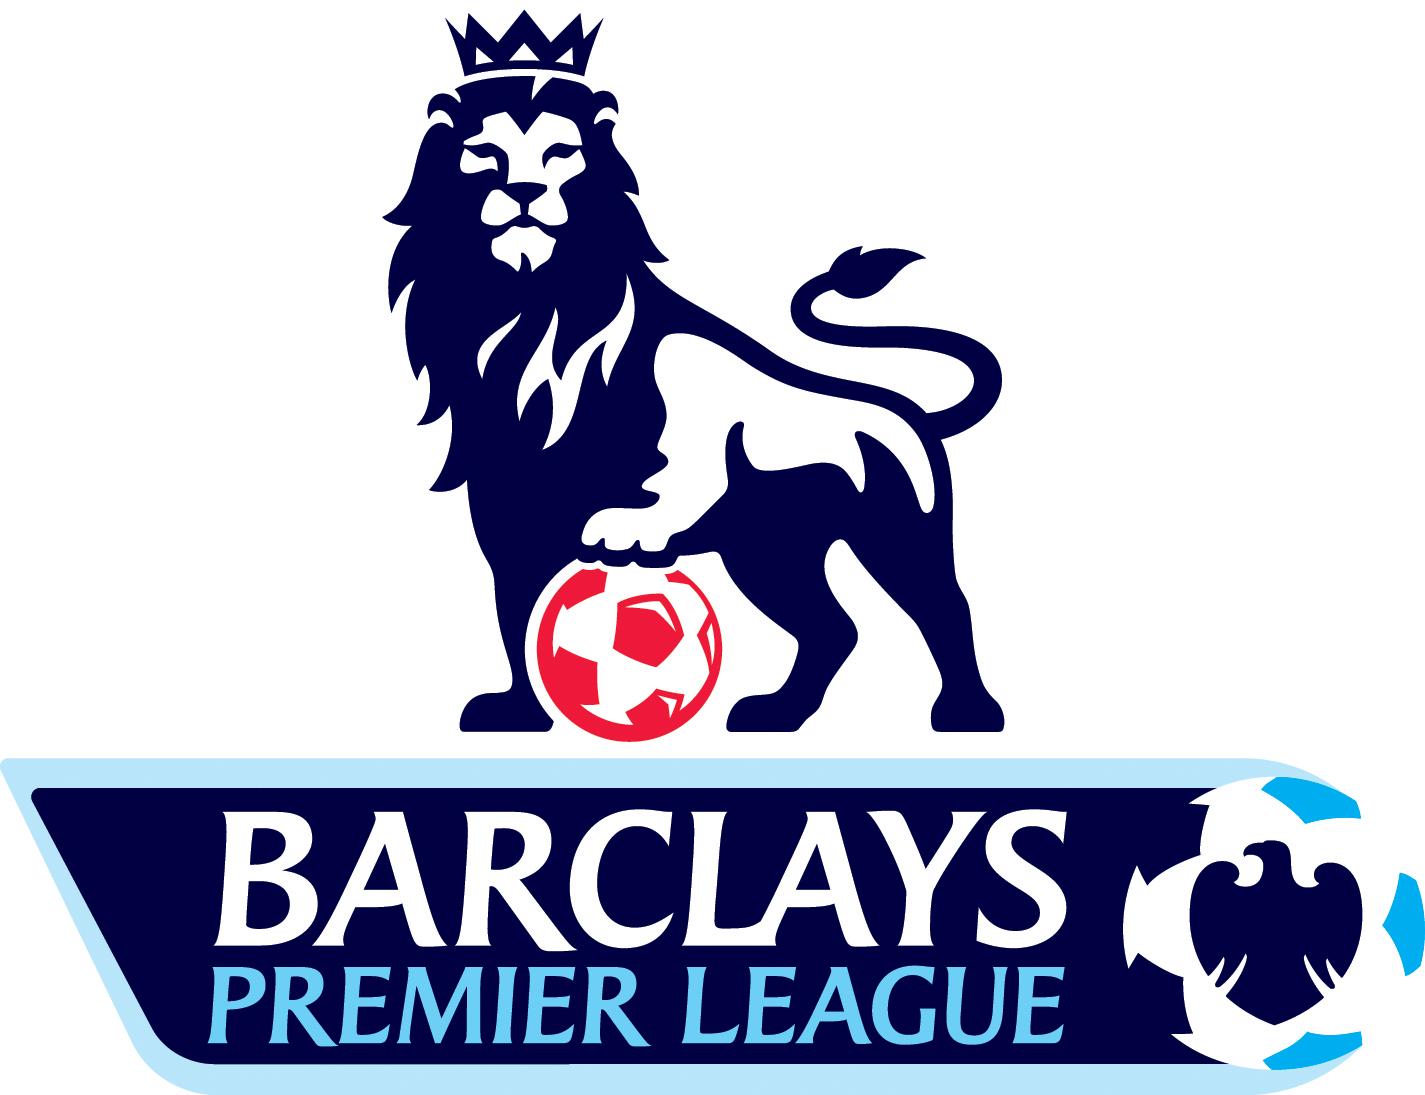 http://3.bp.blogspot.com/_eosGkndaIFM/TUbseZGZhqI/AAAAAAAAQZ4/yMY-YnEbfuE/s1600/EPL-Logo.jpg